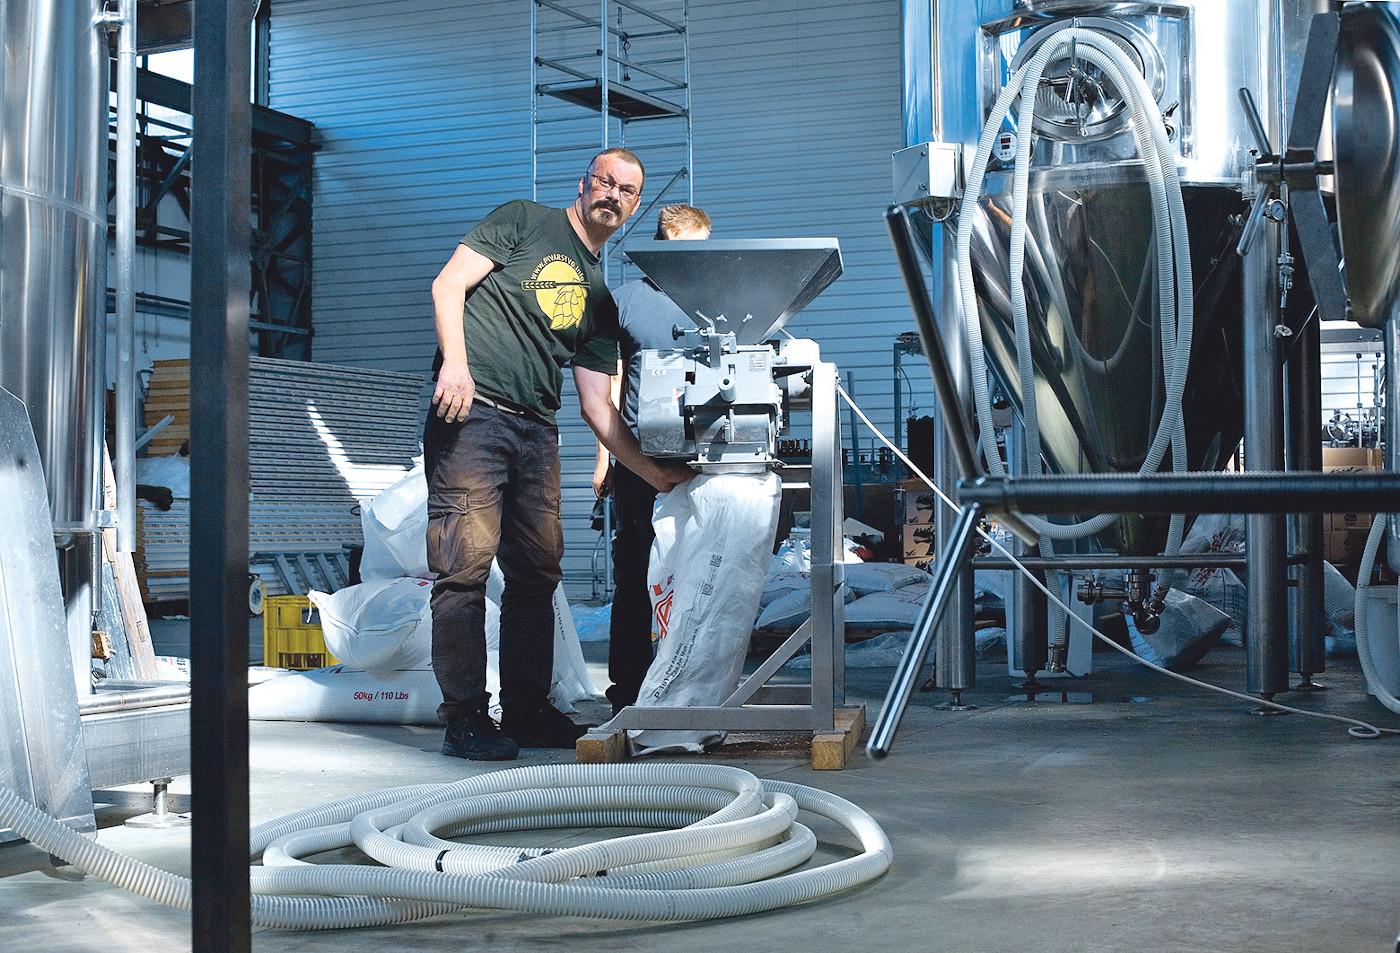 Zagreb, 240914. Bastijanova 1. Mala tvornica piva, mala manufaktura u kojoj se proizvodi pivo. na fotografiji: Andrej Capka. Foto: Sandra Simunovic / CROPIX